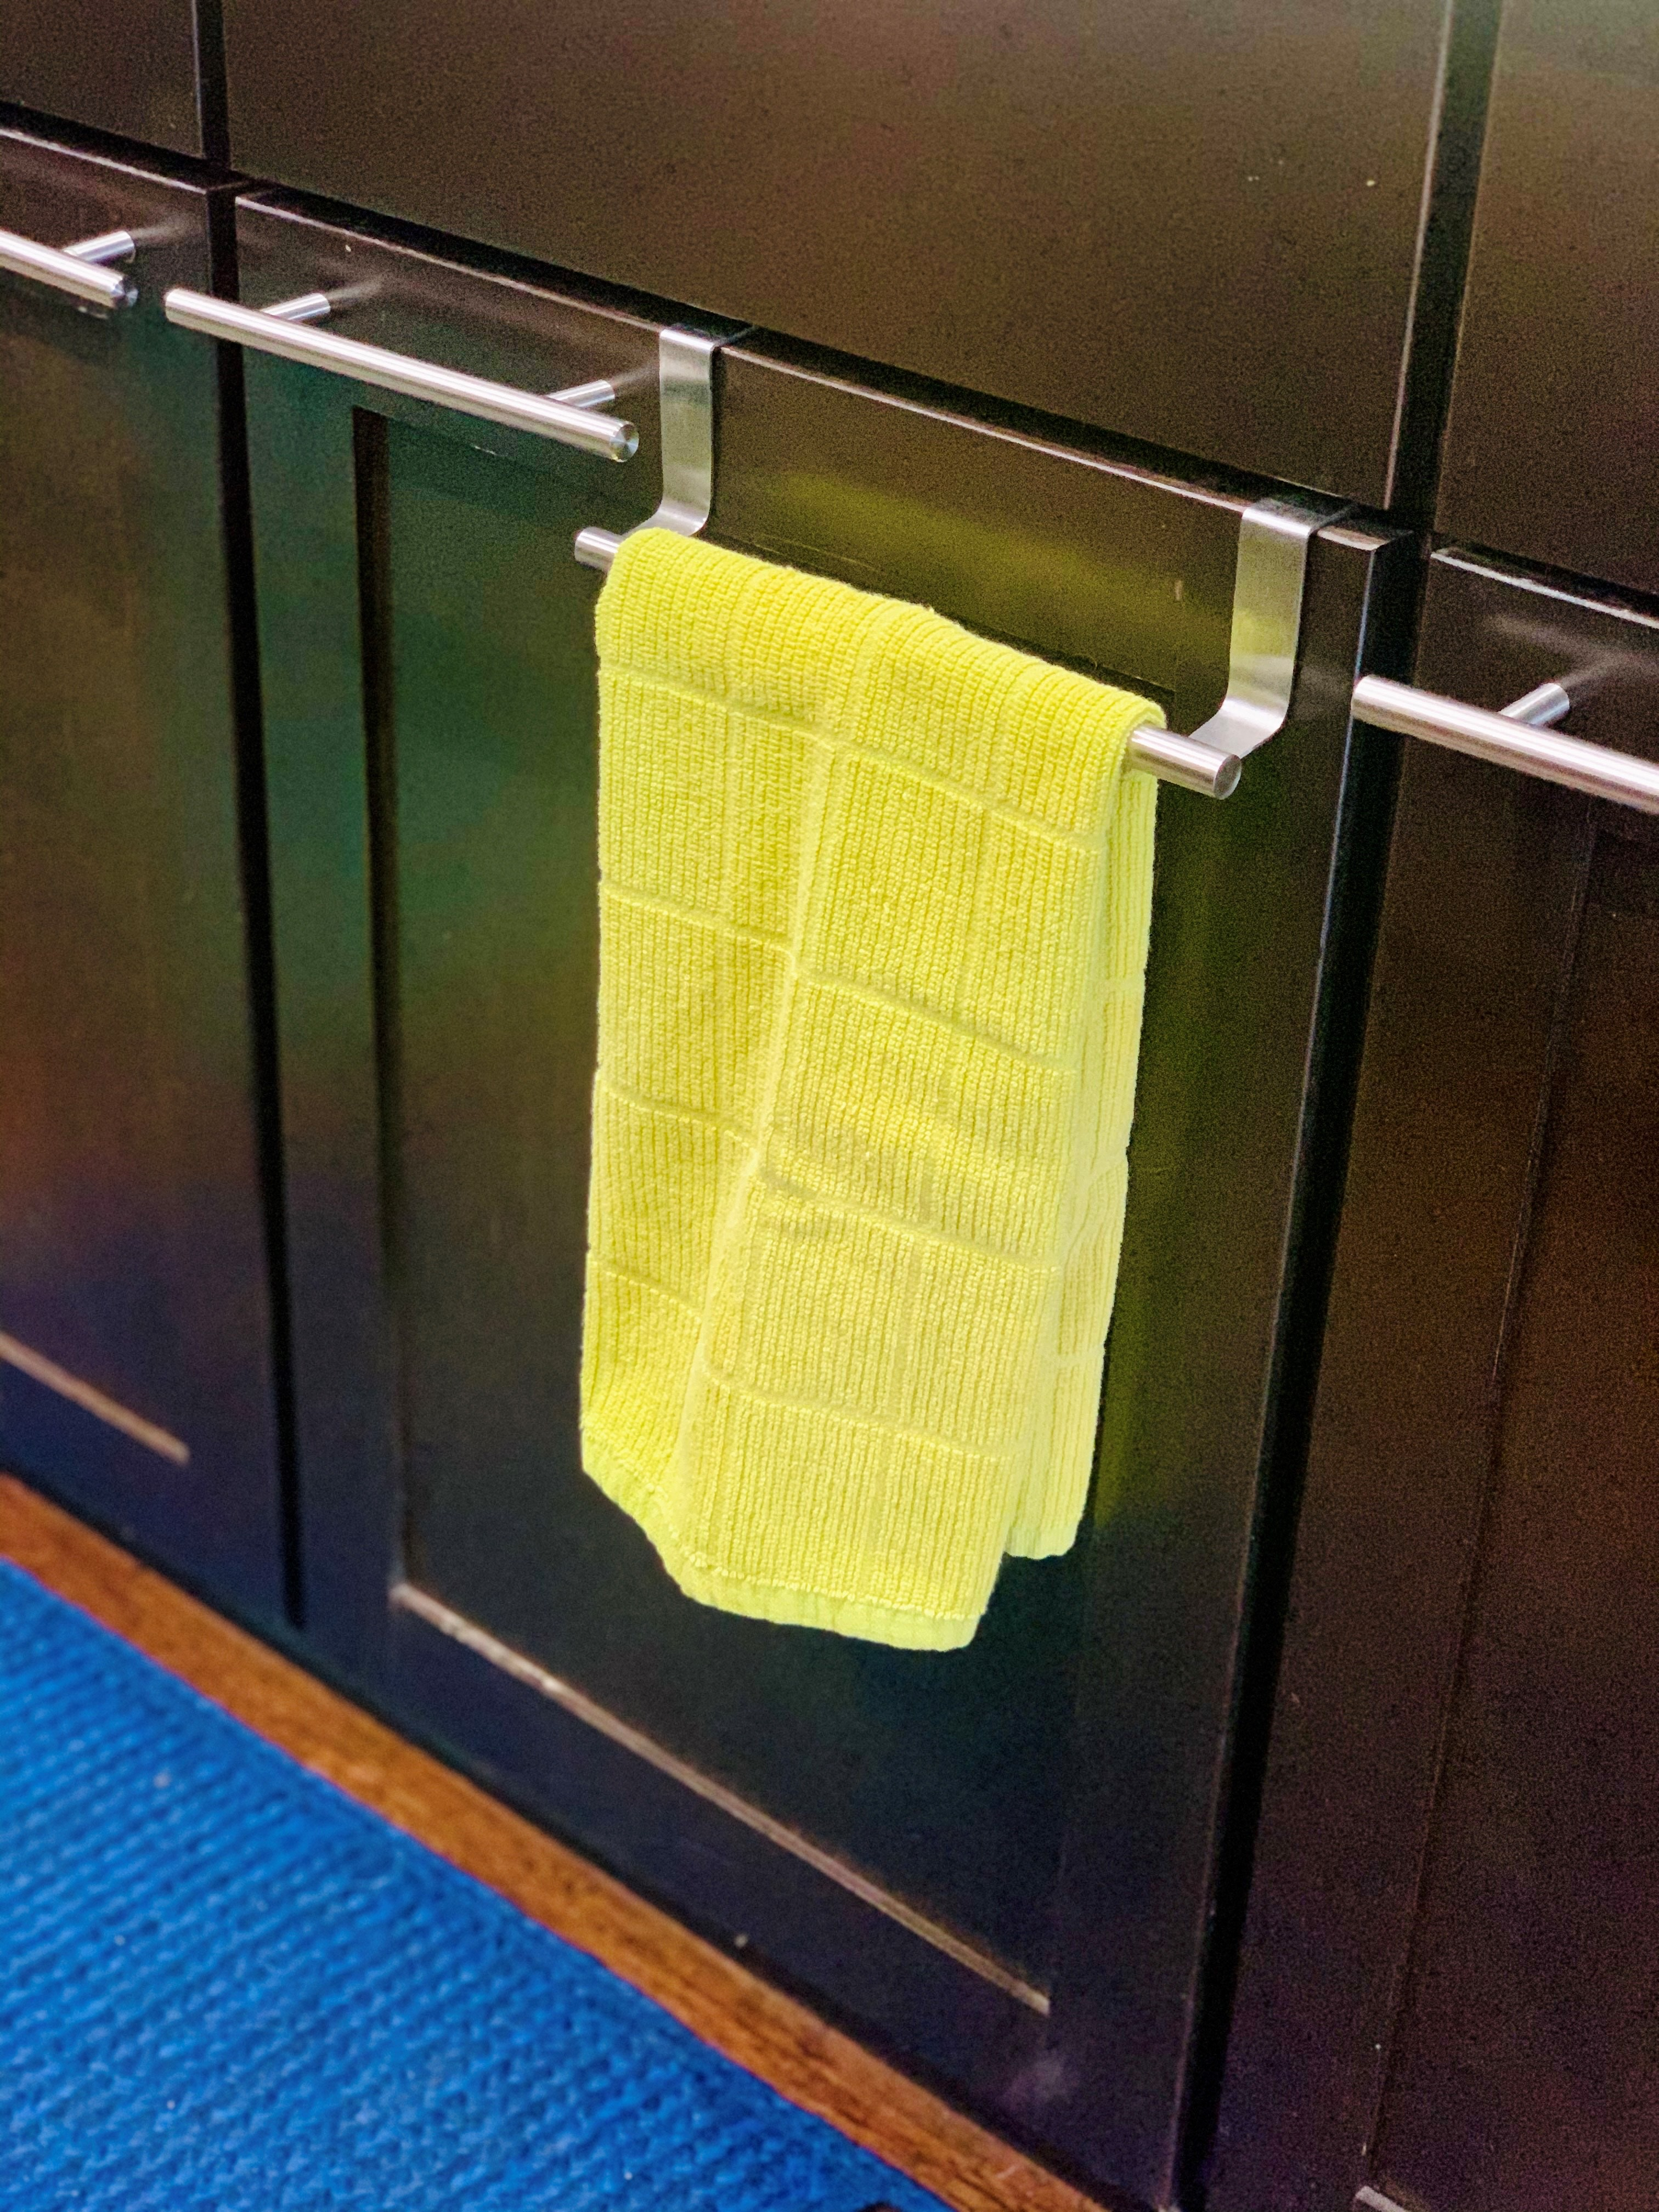 Over-the-door cabinet towel bar